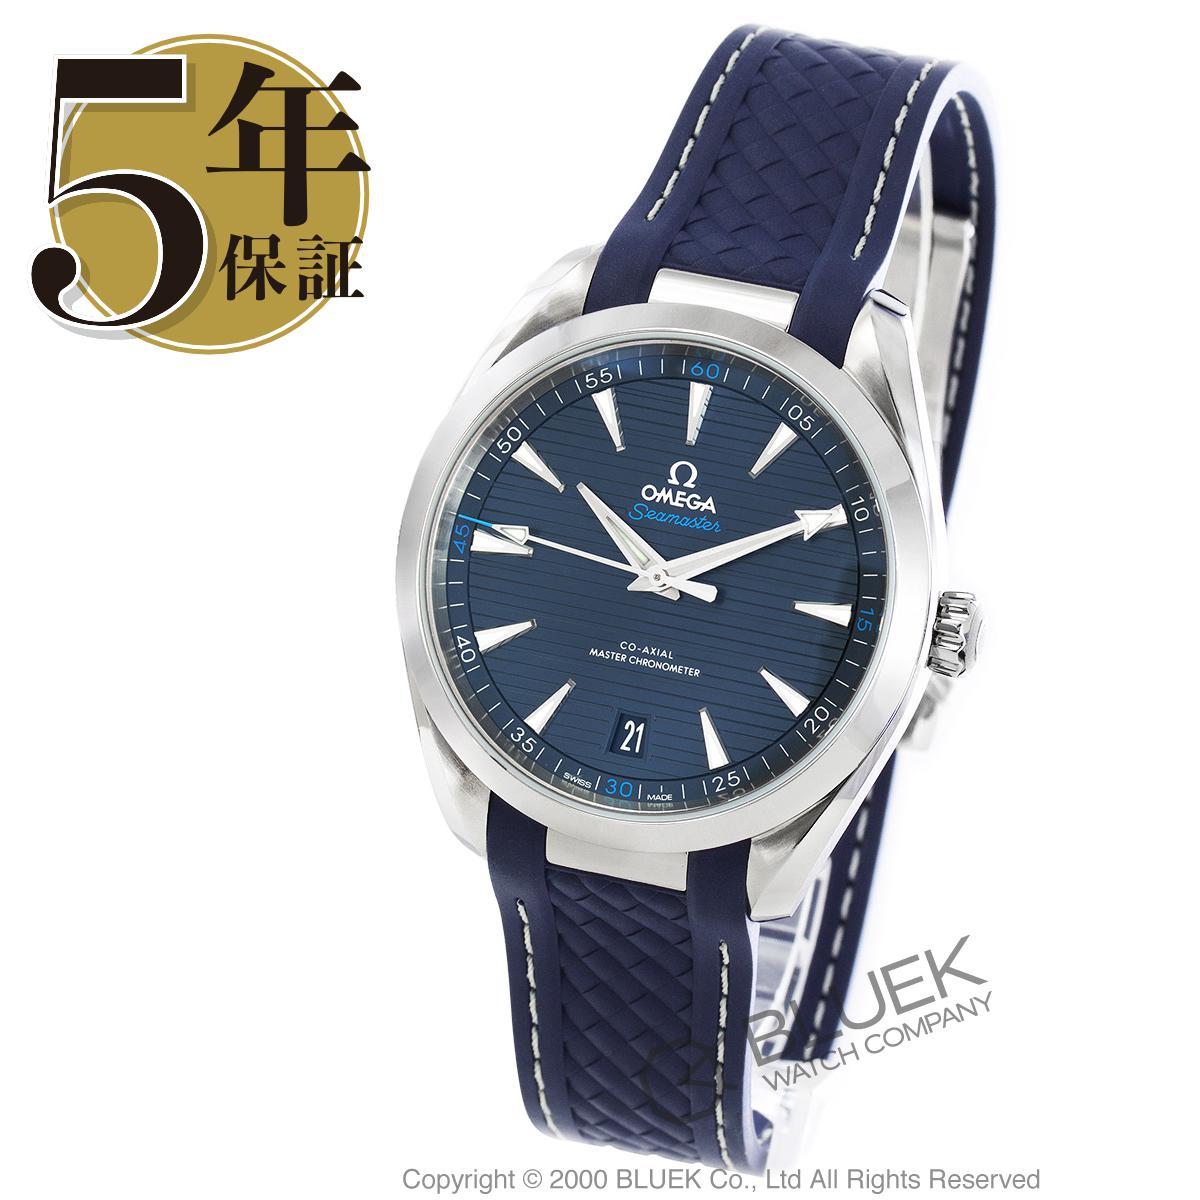 オメガ シーマスター アクアテラ マスタークロノメーター 腕時計 メンズ OMEGA 220.12.41.21.03.001_5